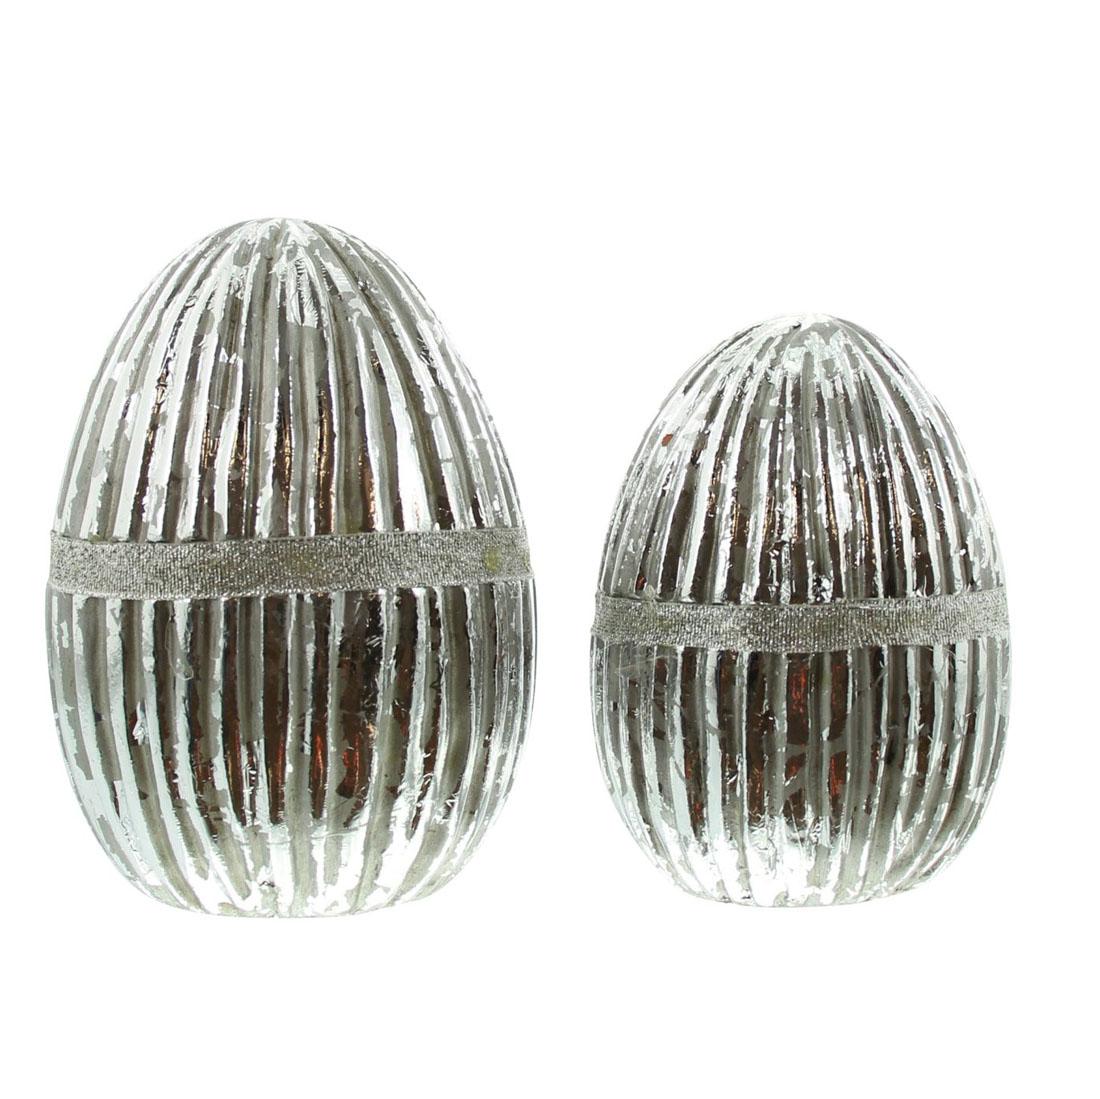 """Декоративные фигуры """"Яйца - серебряные полосы"""", 2 штуки [07244],"""